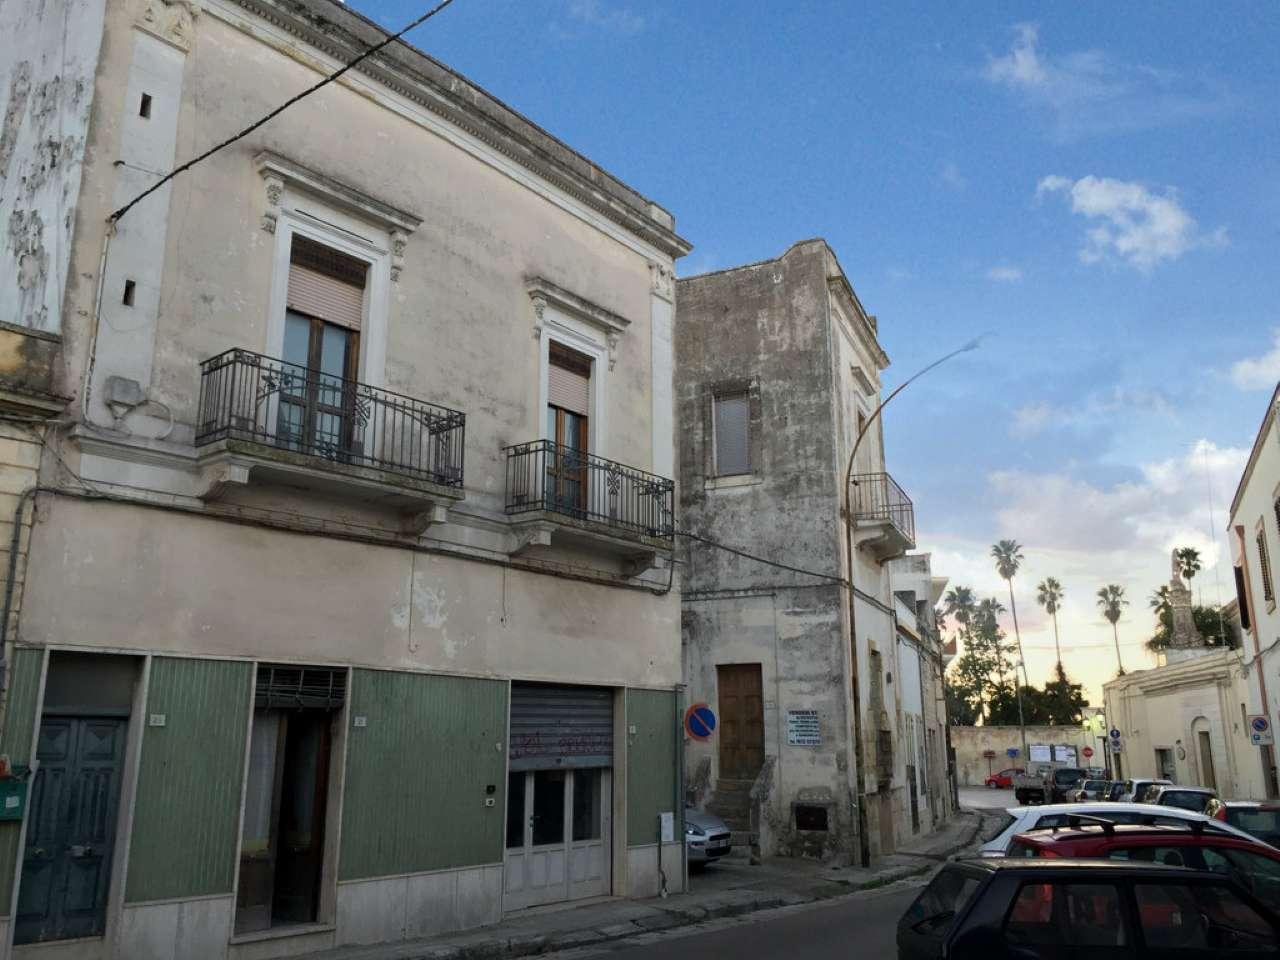 Appartamento in vendita a Lequile, 12 locali, prezzo € 85.000 | PortaleAgenzieImmobiliari.it